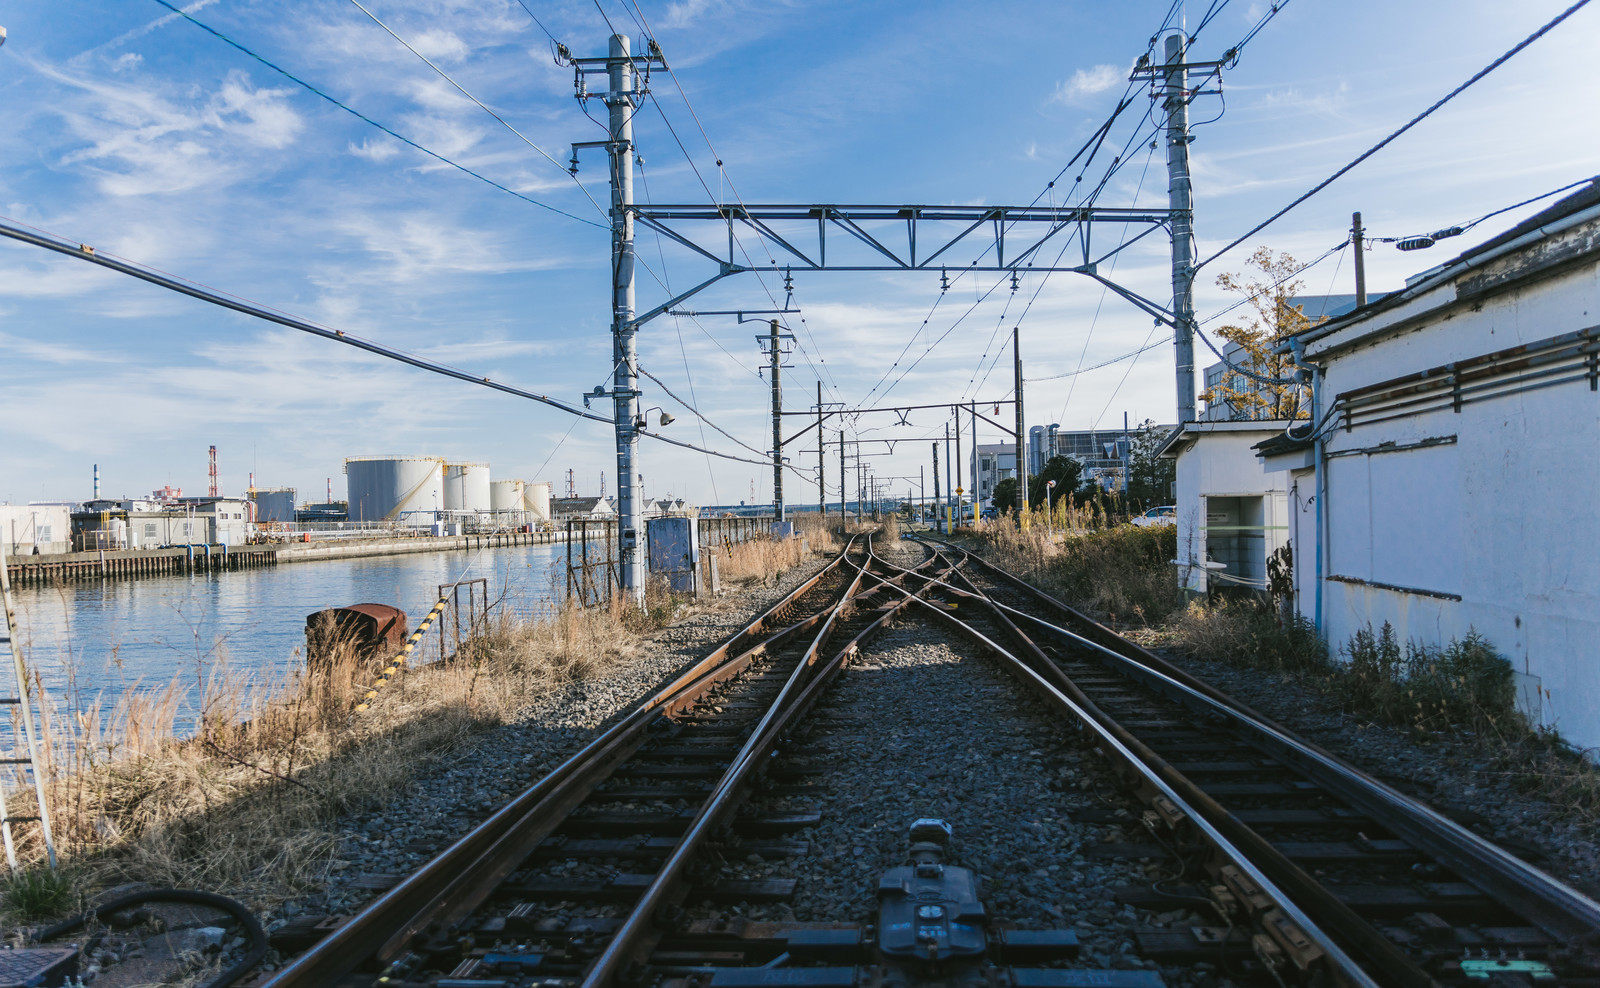 「新芝浦駅の線路新芝浦駅の線路」のフリー写真素材を拡大